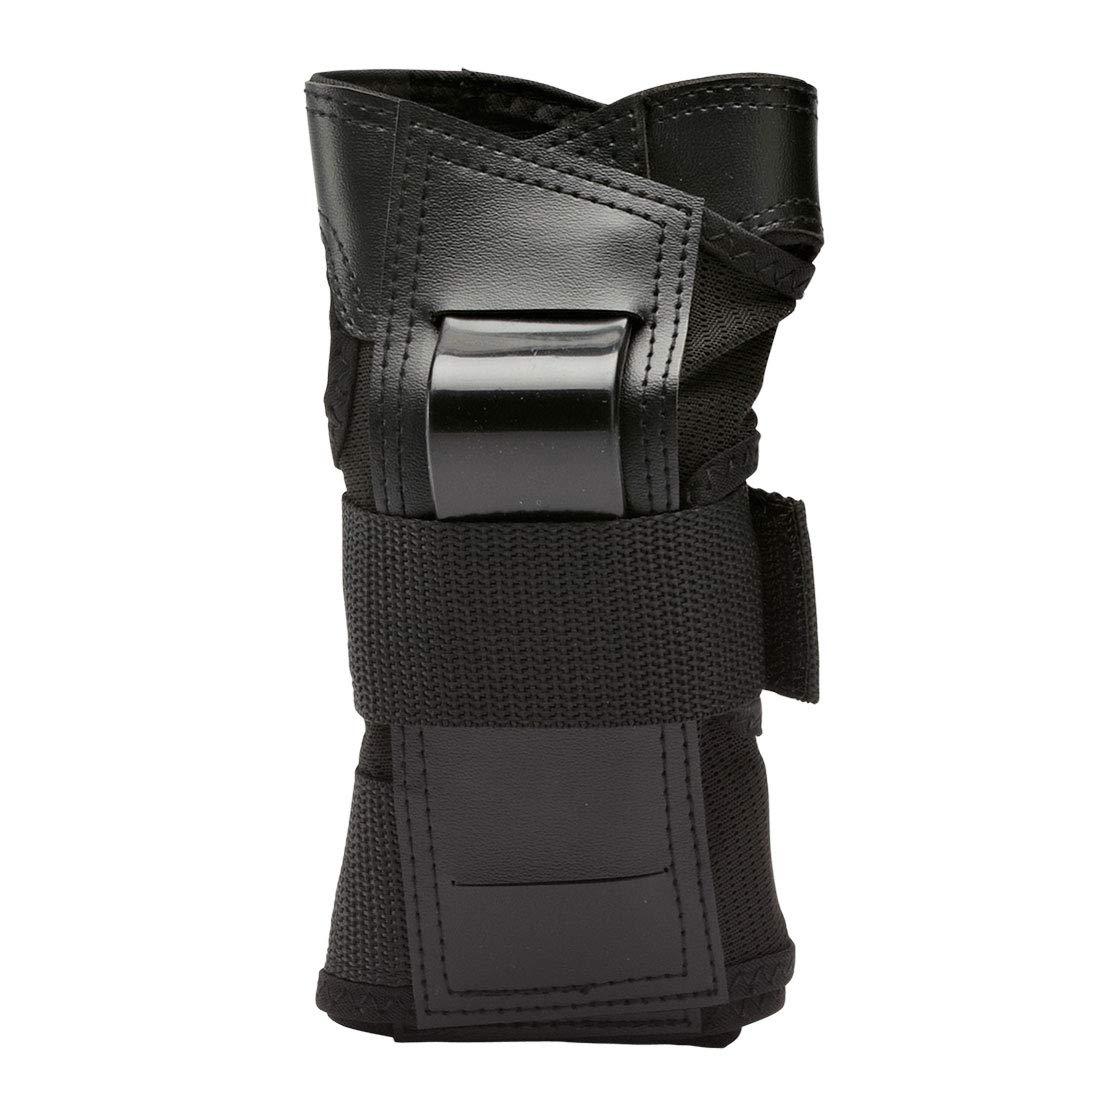 K2 2015 Men's Prime Skating Wrist Guard - I140400801 (Black - M)